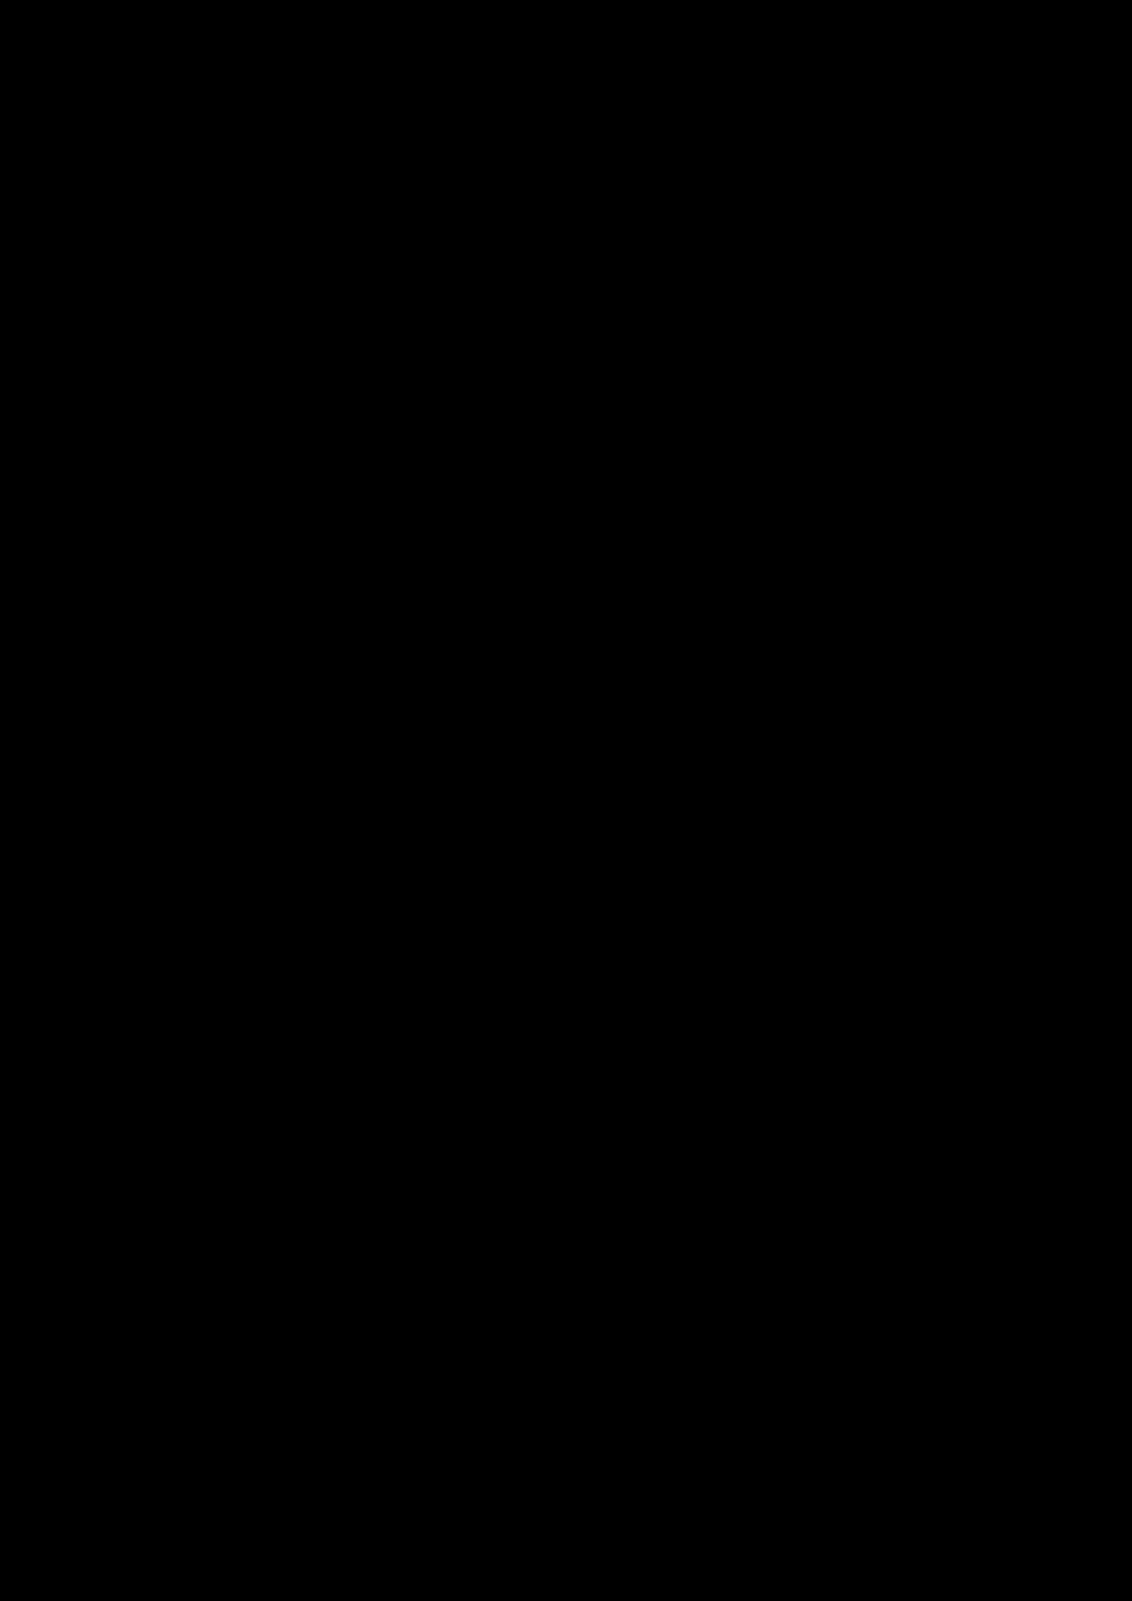 Zagadka volshebnoy stranyi slide, Image 138